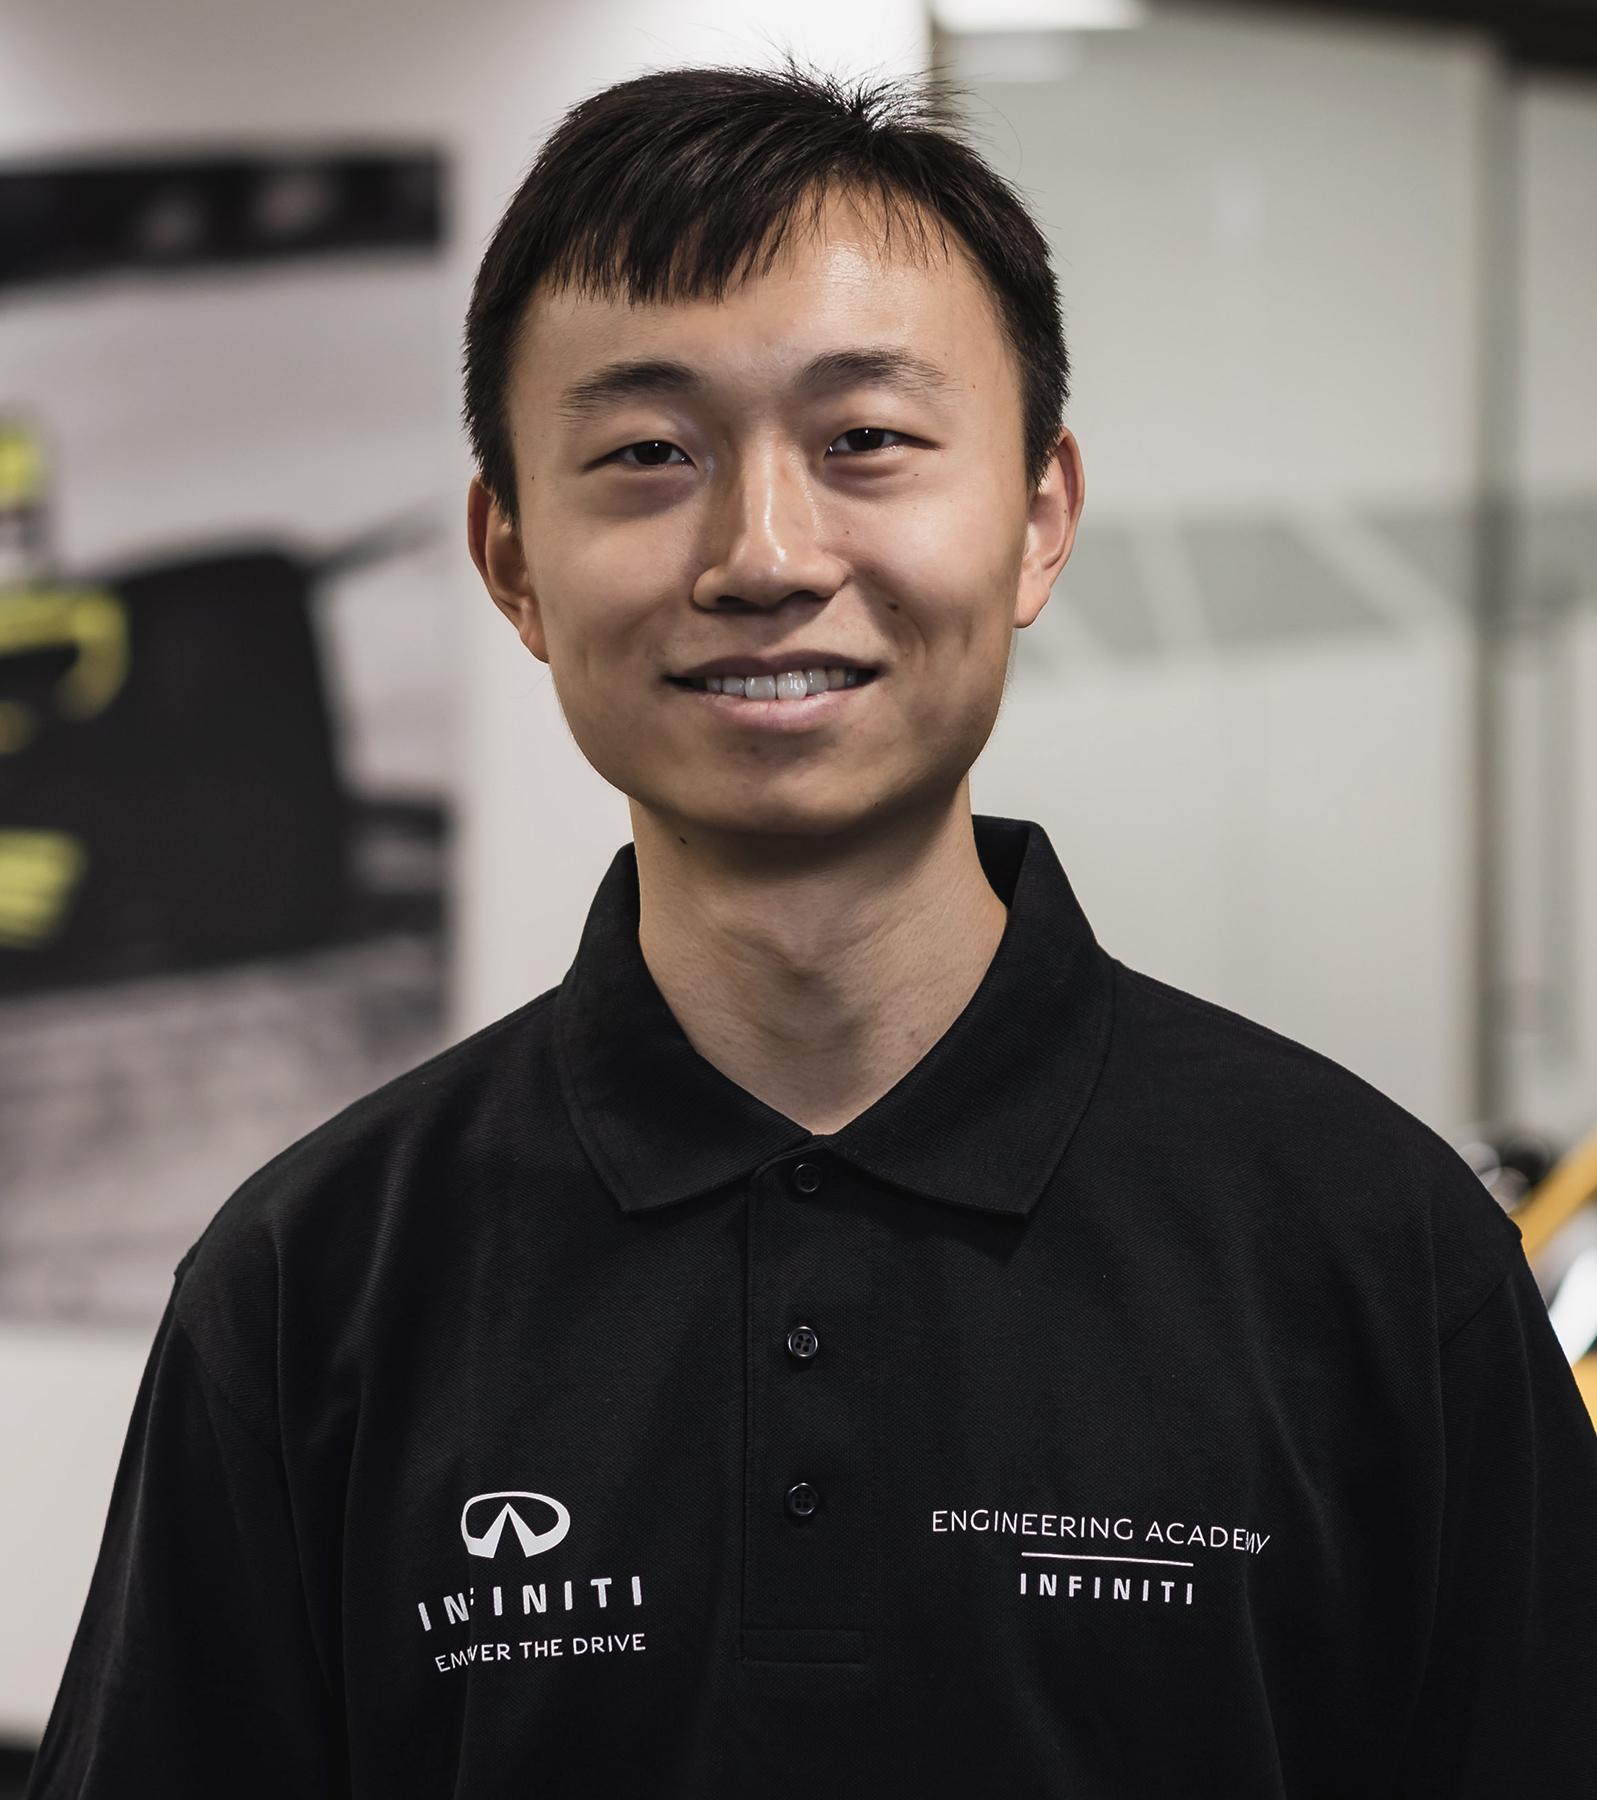 infiniti-engineering-academy-yifei-liao